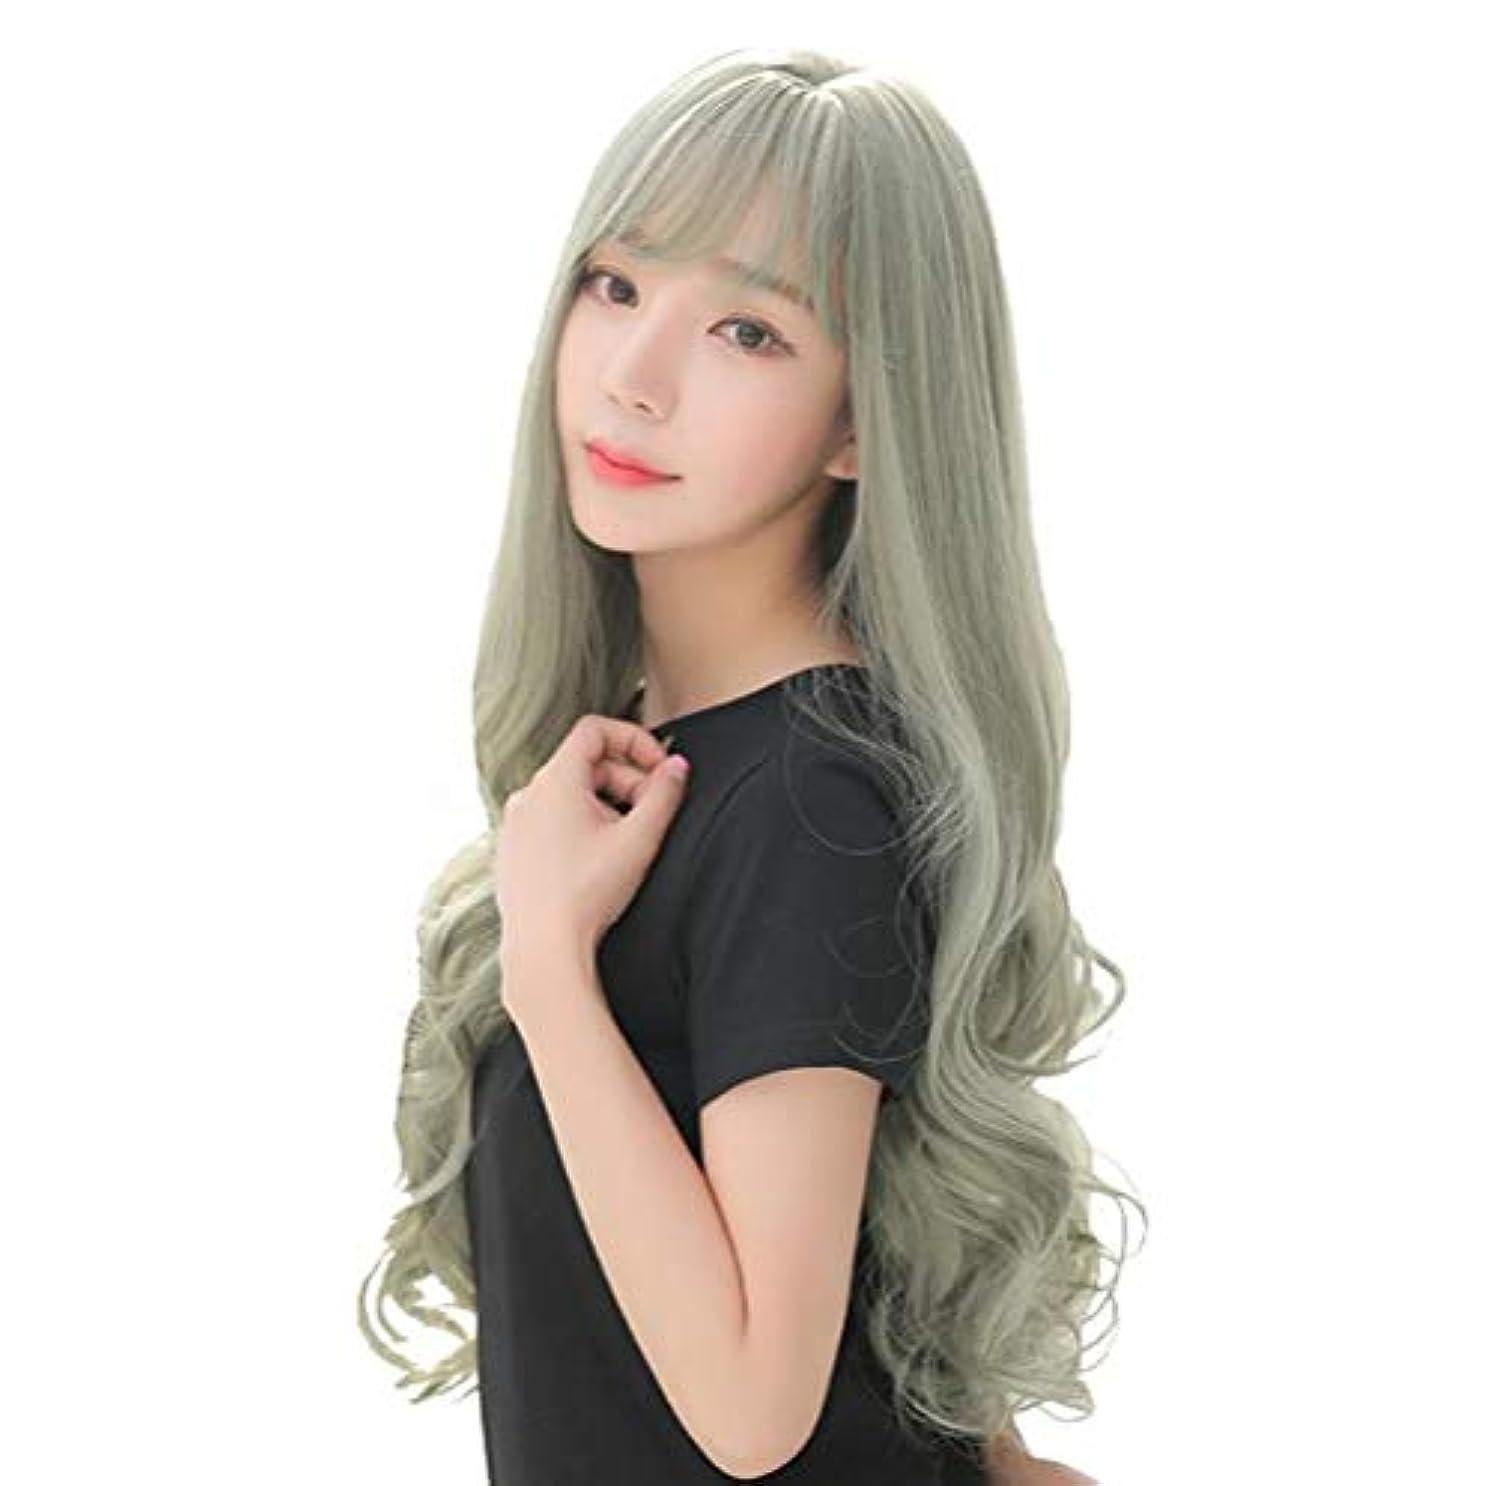 パトワ才能奇跡的なかつら女性アッシュグリーン高温シルク長い巻き毛ビッグウェーブ空気前髪 LH2203 (アッシュグリーン)